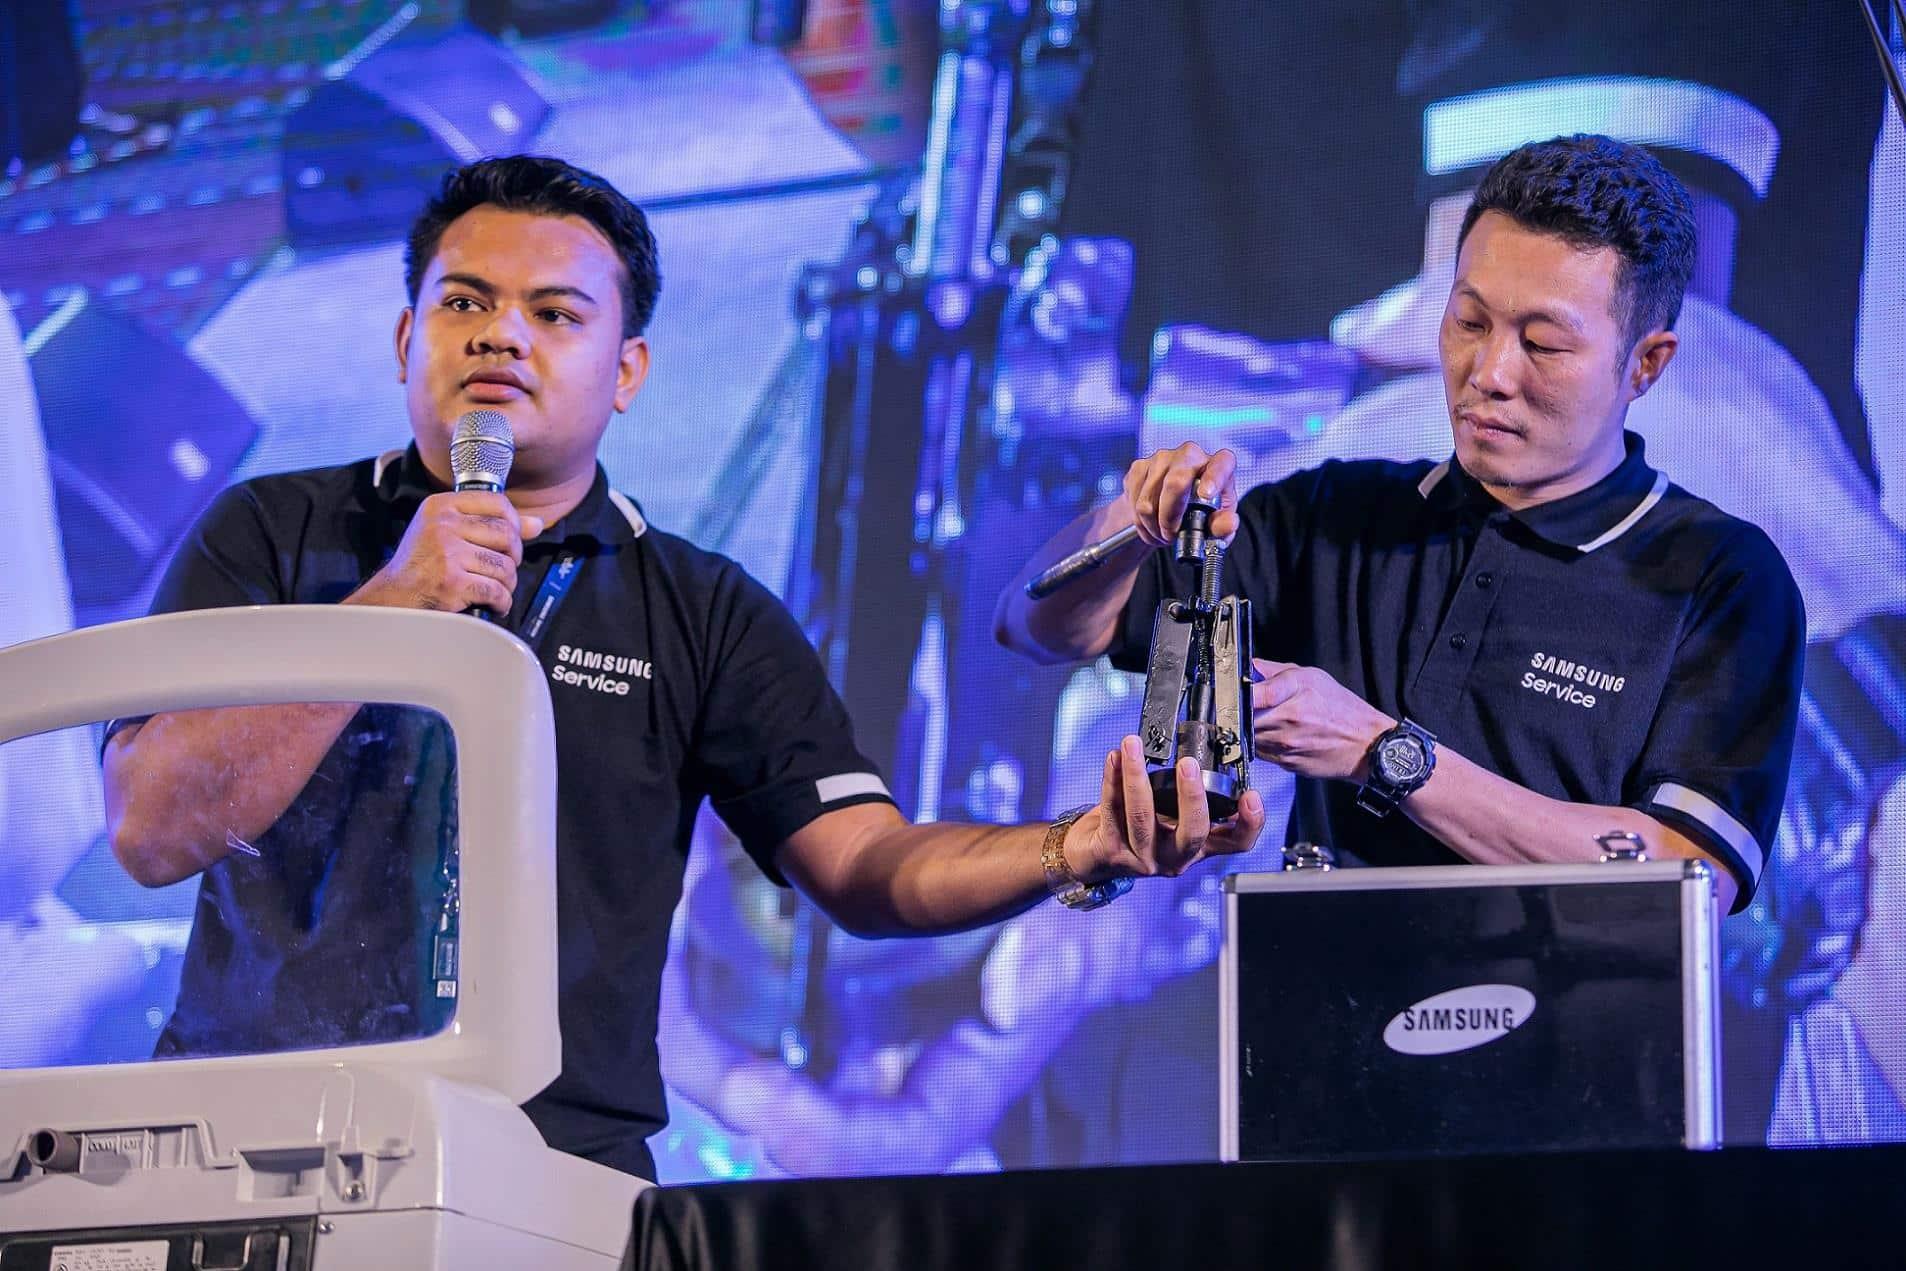 Samsung - Samsung Services สานต่อความ 'ตั้งใจ' เดินหน้าชูนโ ยบายด้านการบริการปี 2563